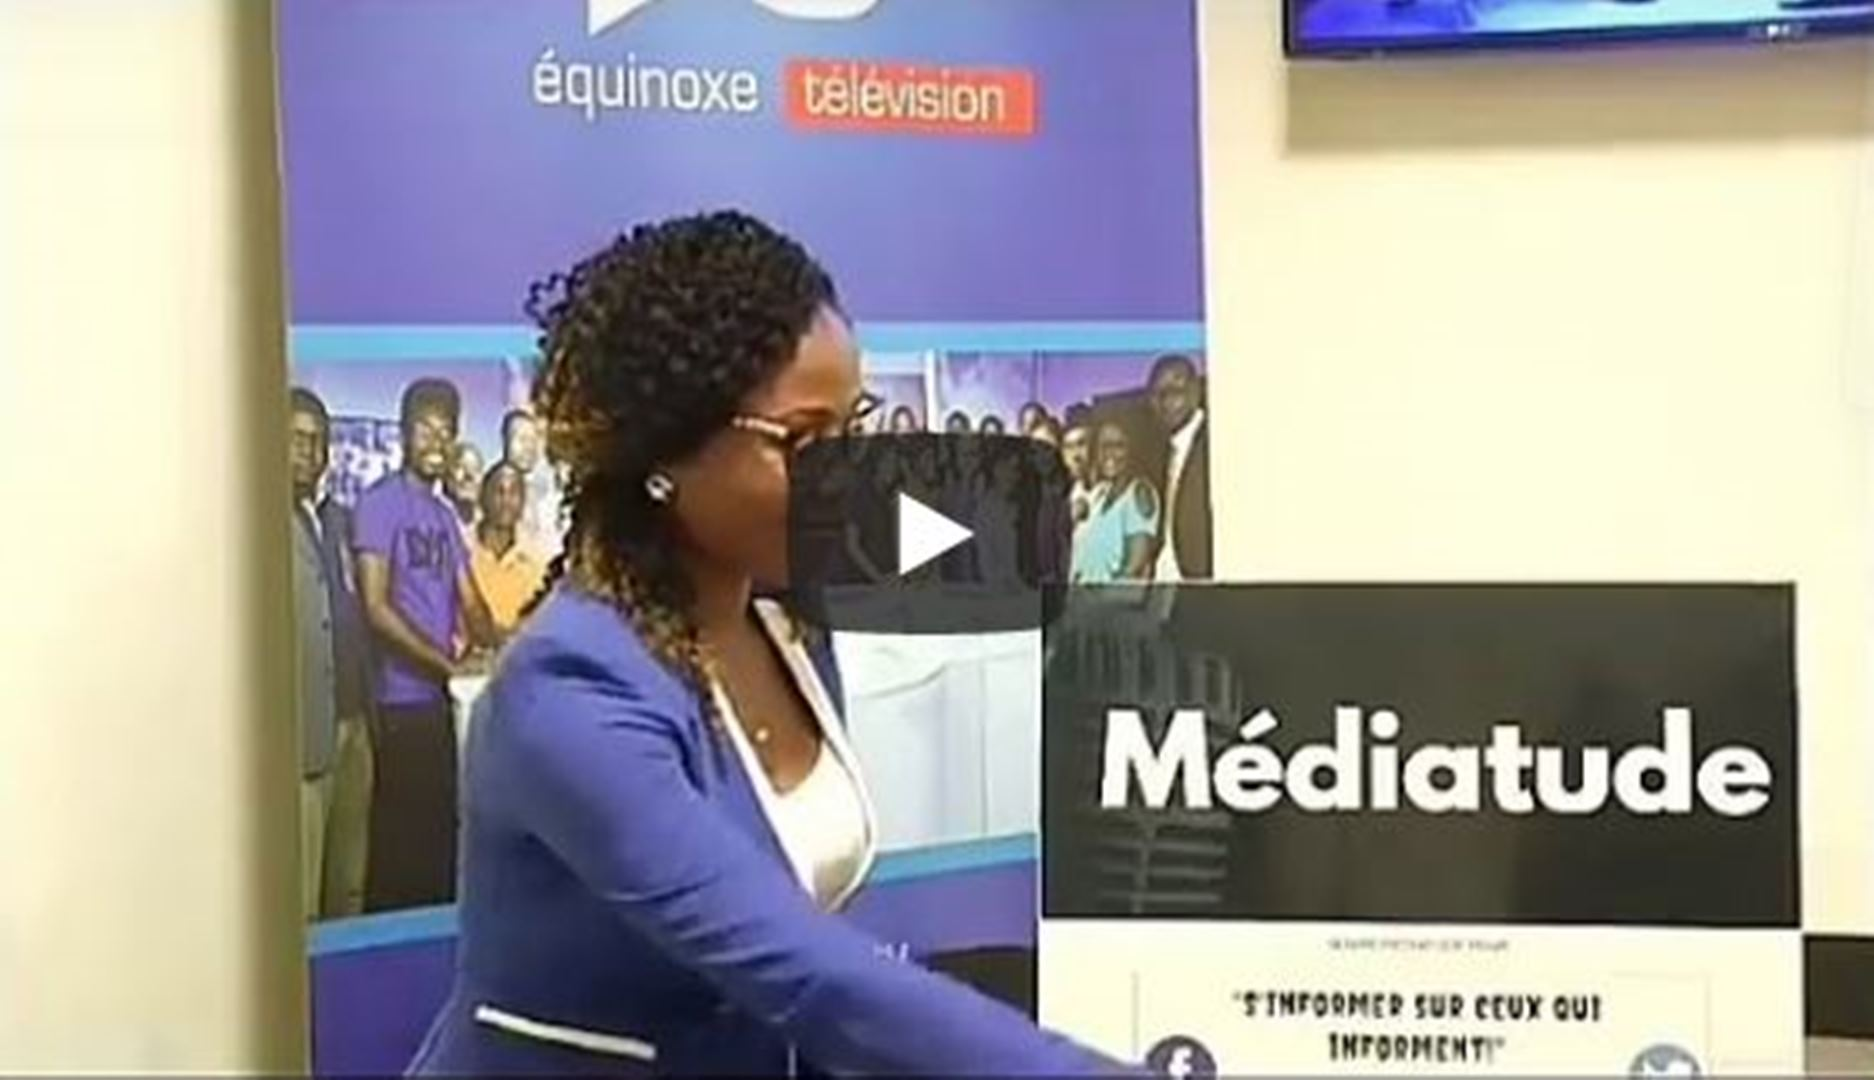 L'Interview de Médiatude : Gladys Sidje est-elle en couple avec l'animateur Fidjil ?